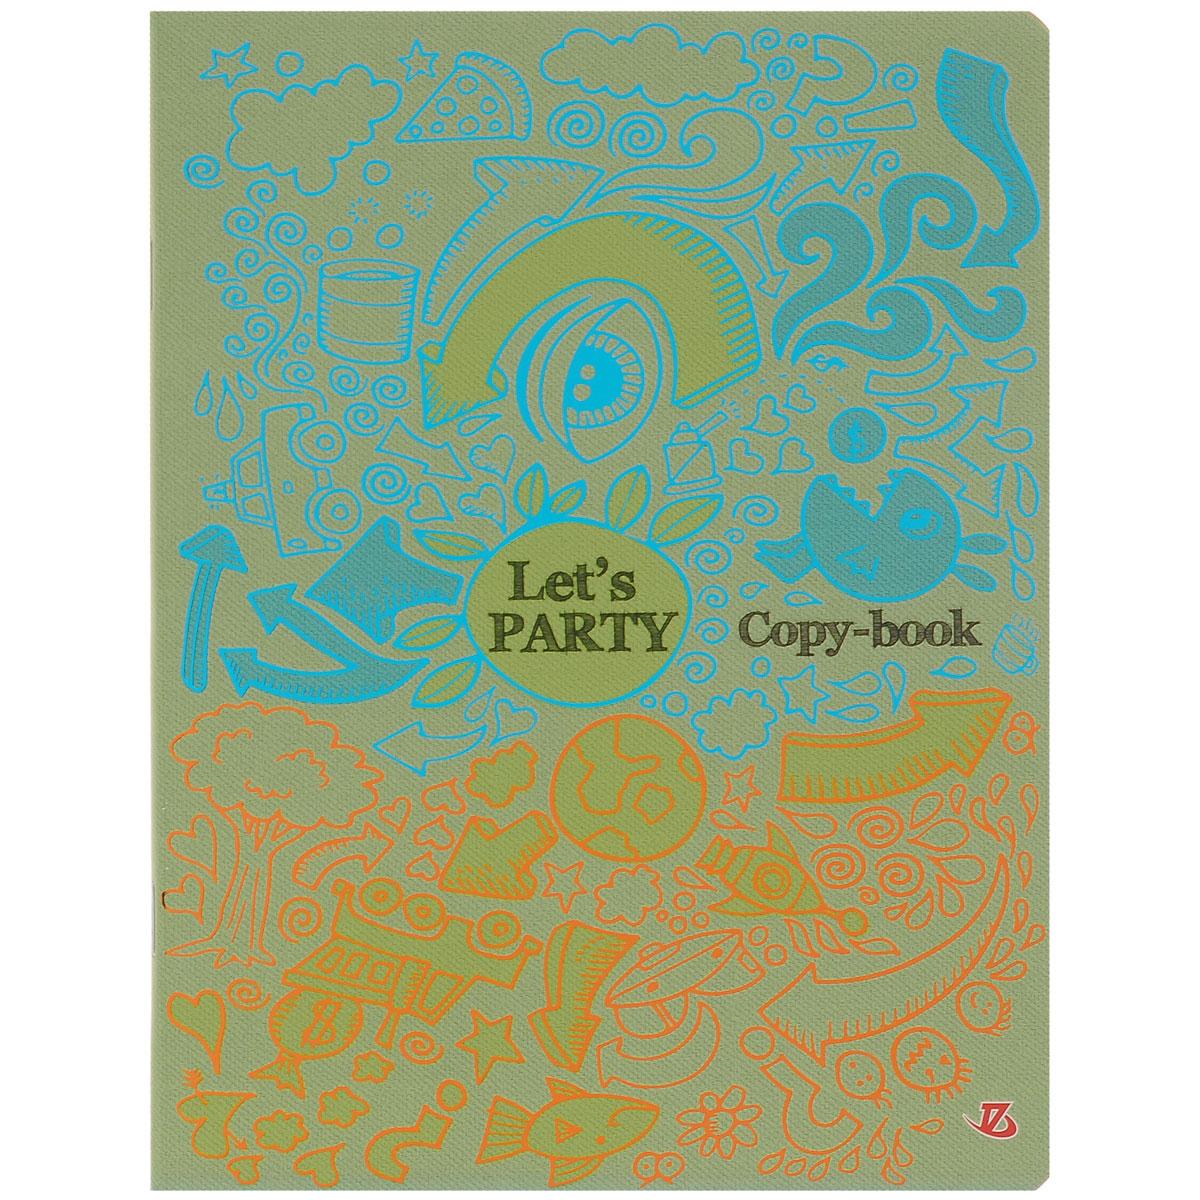 Тетрадь Lets party, 48 листов, формат А5, цвет: голубой, оранжевый96Т5B2_оранжевыйТетрадь в клетку Lets party подойдет как студенту, так и школьнику. Обложка тетради выполнена из картона и украшена ярким изображением с медным и бирюзовым теснением. Внутренний блок состоит из 48 листов офсетной бумаги, способ крепления - скрепка. Линовка листов стандартная - в клетку. Внутри содержатся страничка для заполнения личных данных.